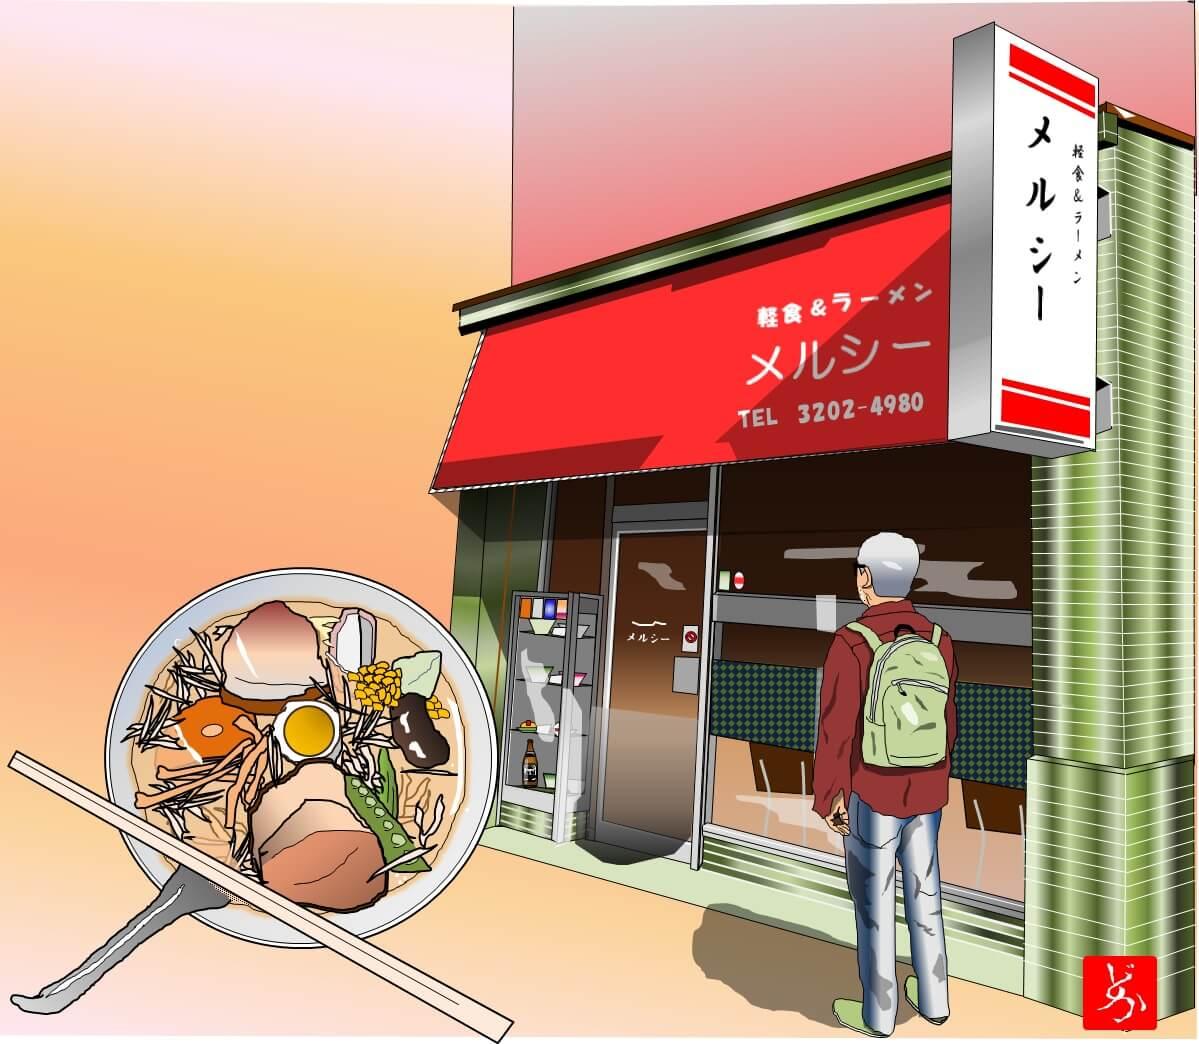 早稲田のメルシーの店舗エクセル画イラスト